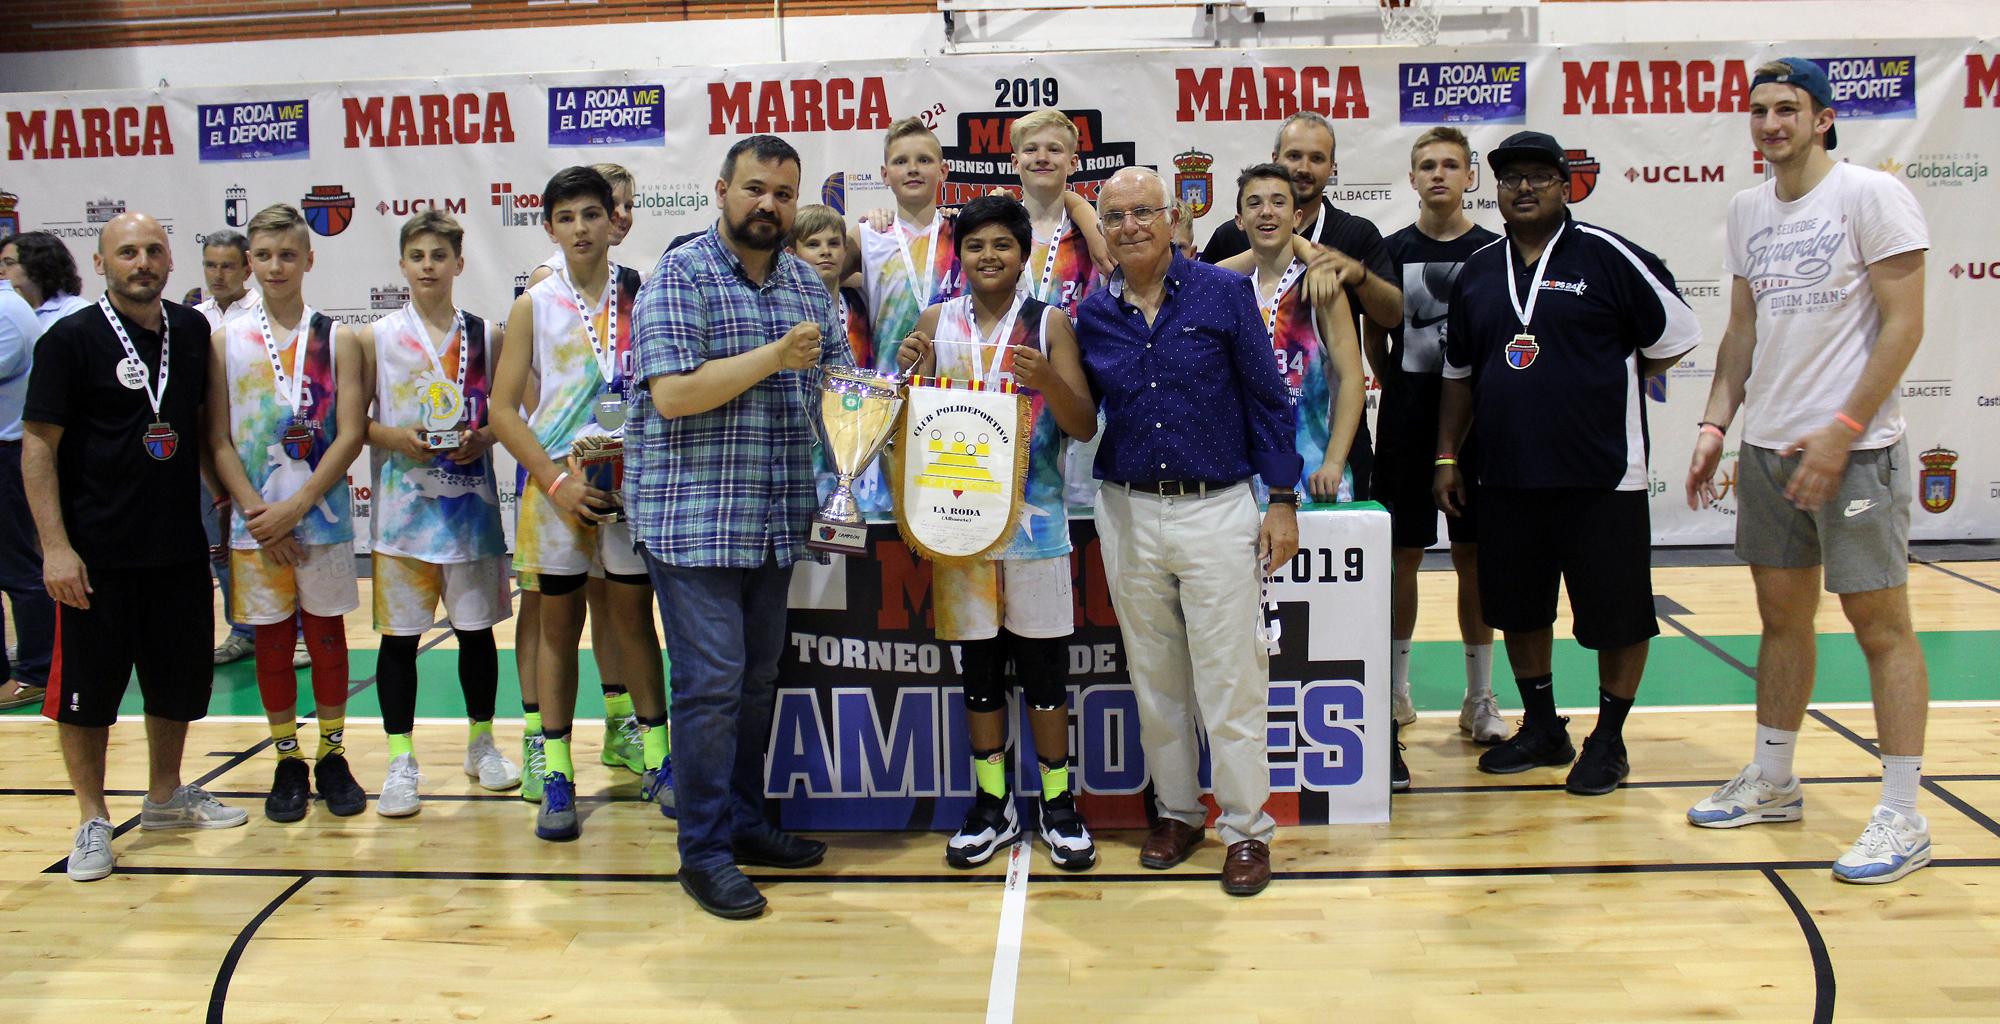 CAMPEONES Con Alcalde La Rodaññ